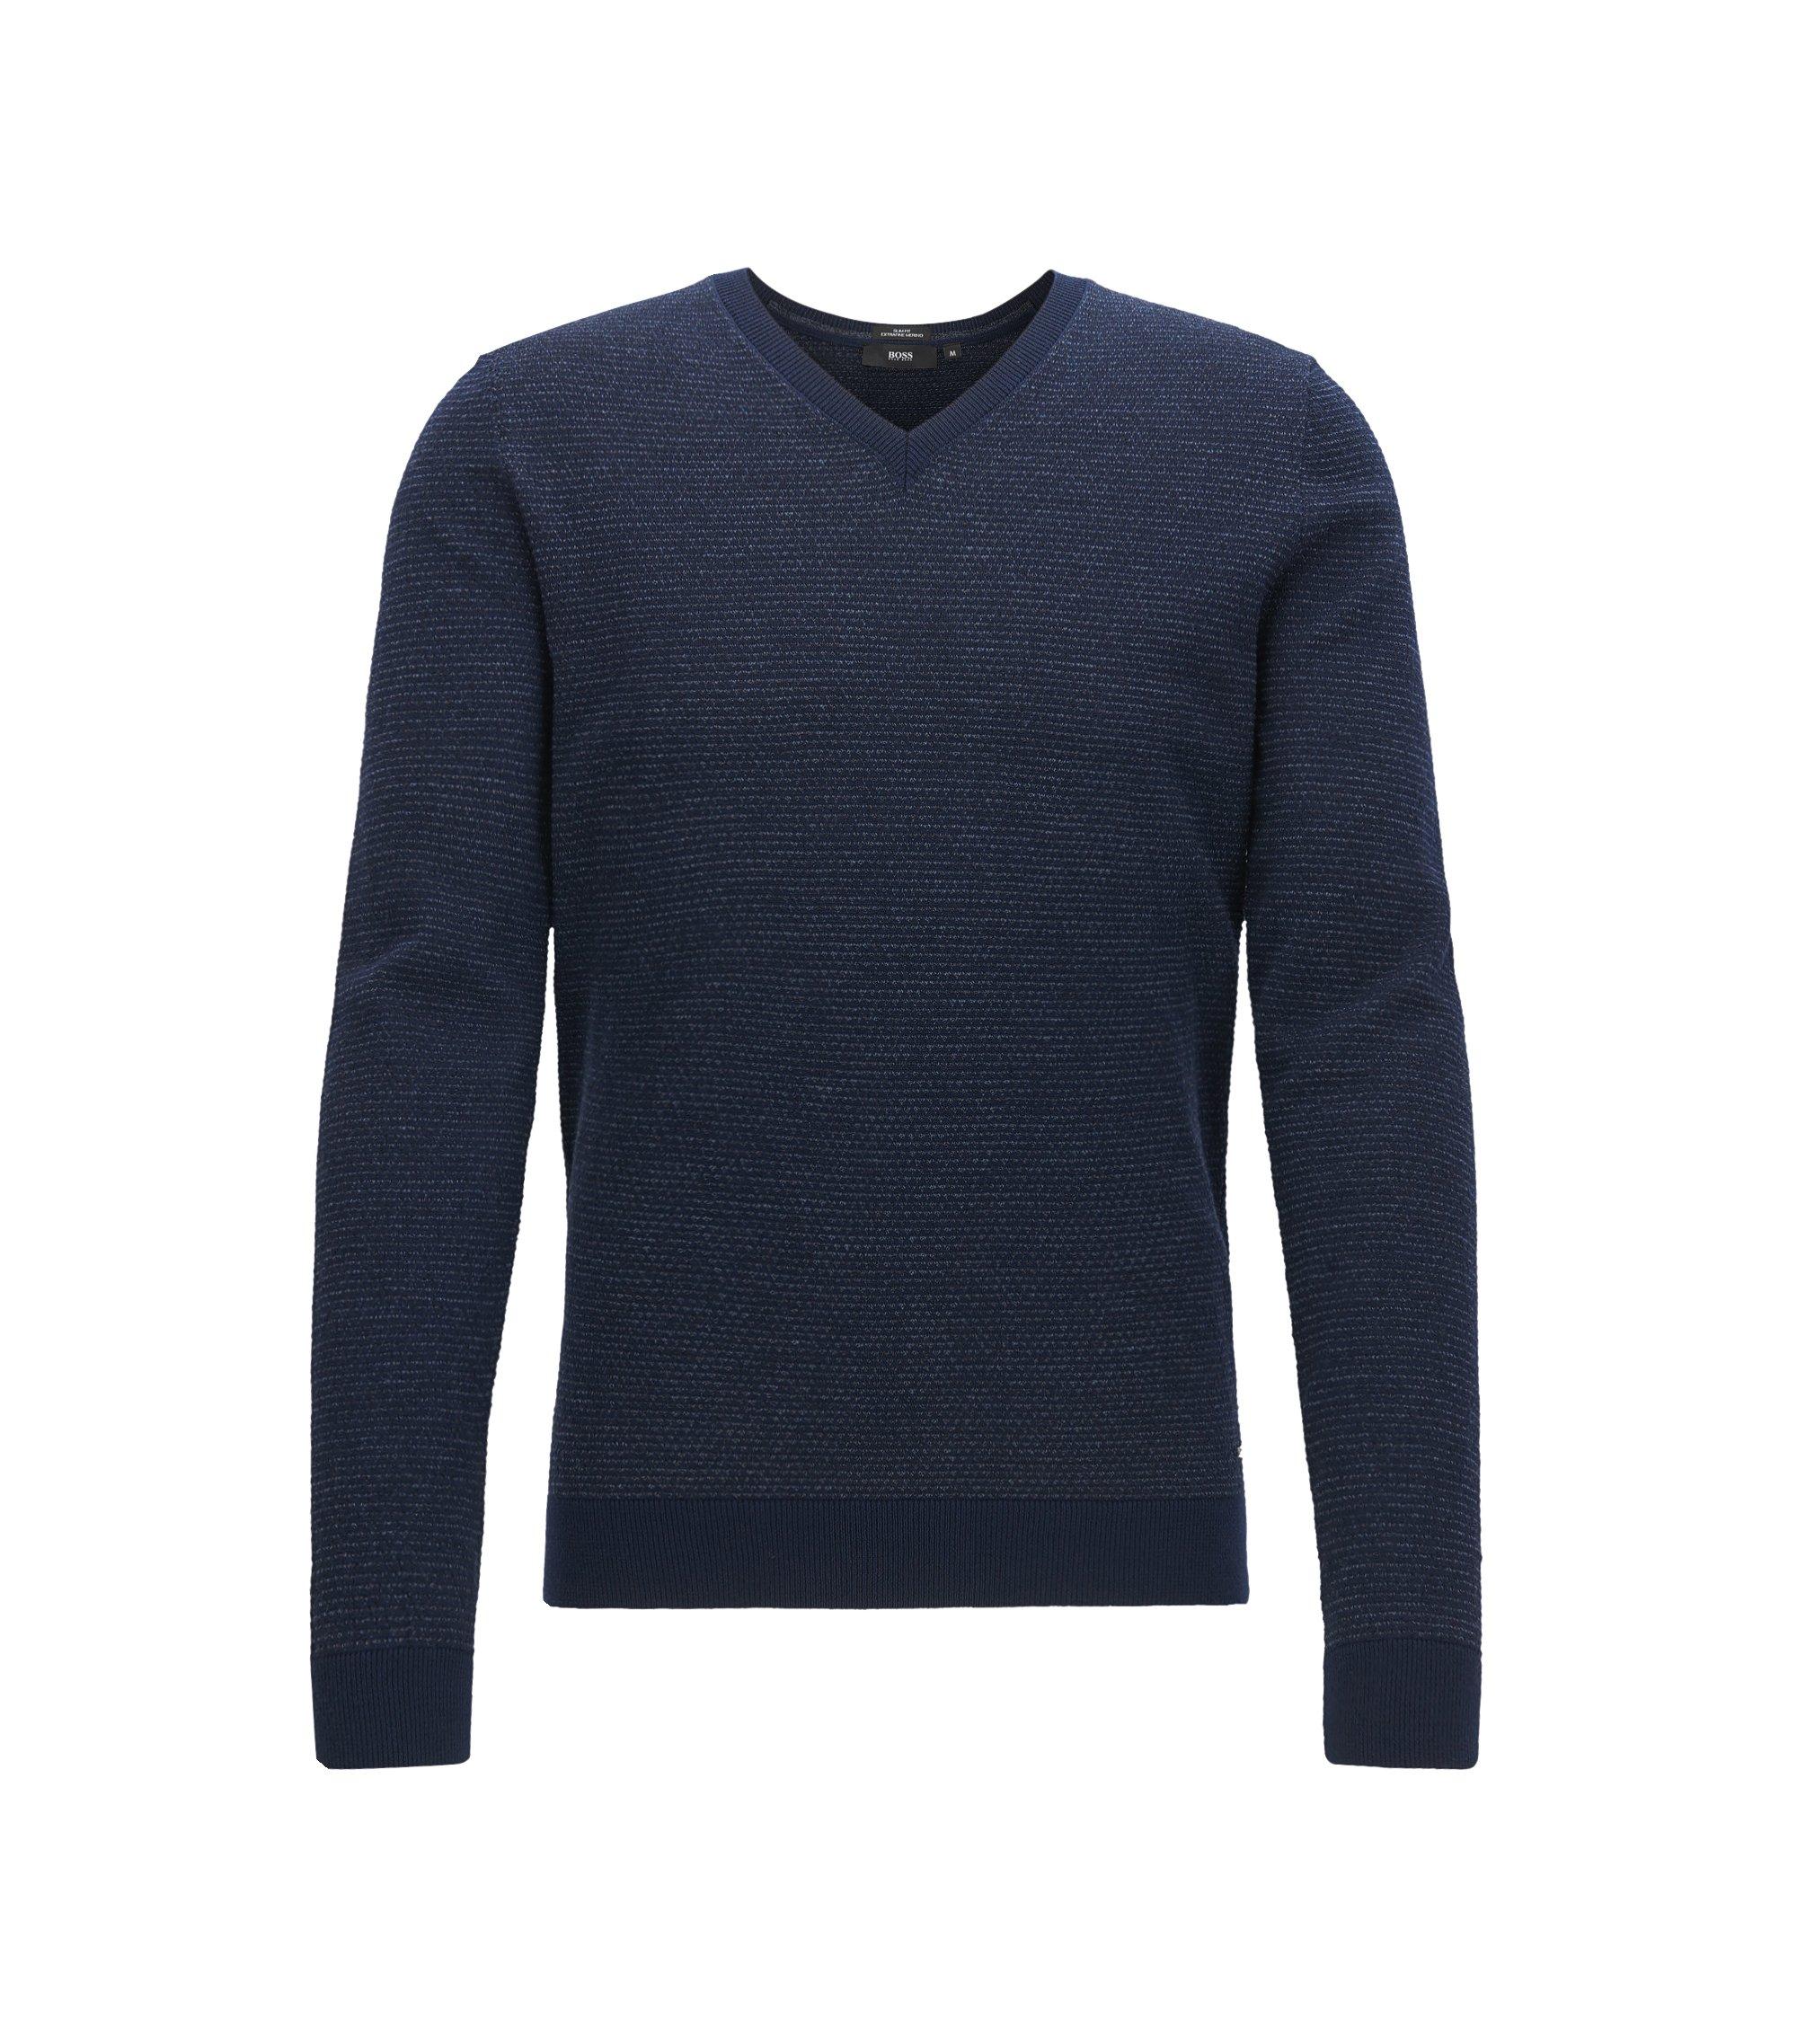 Jersey con cuello en pico de lana virgen obtenida mediante procedimientos libres de crueldad hacia el animal, Azul oscuro